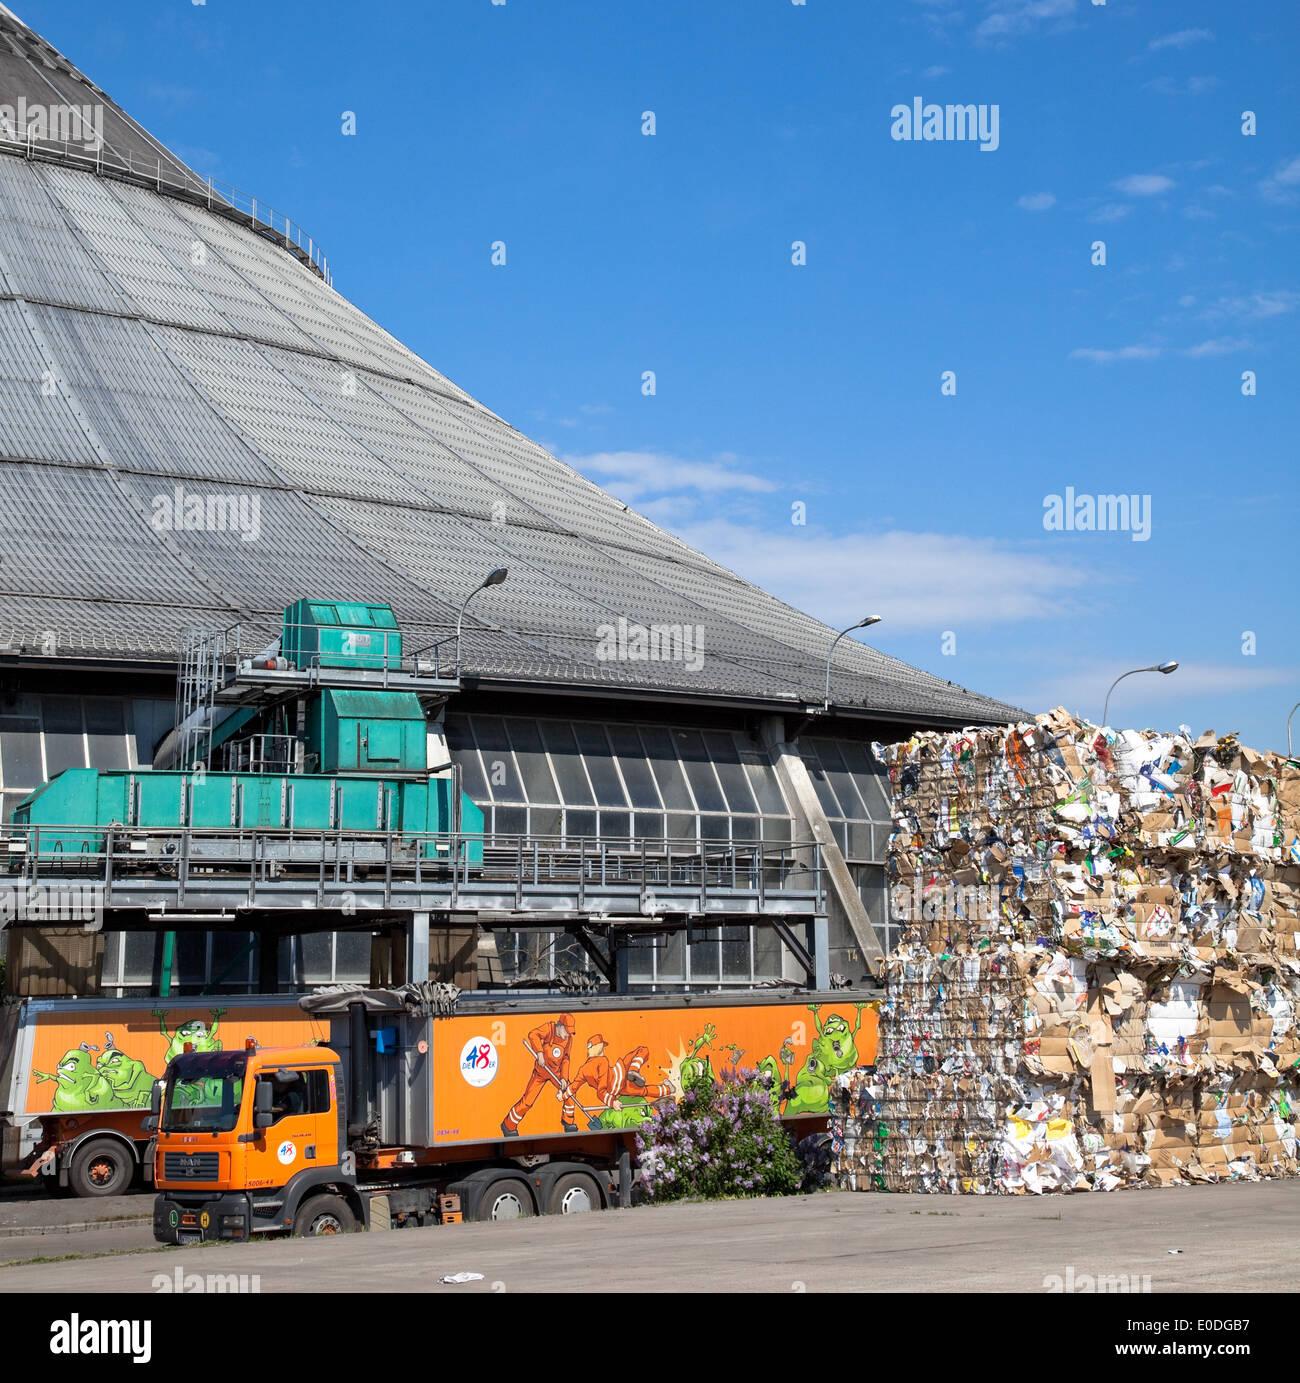 Rinterzelt, Müllaufbereitungs/Verbrennungsanlage, Wien Österreich - Rinterzelt, la gestione dei rifiuti facility, Vienna, Austria Immagini Stock